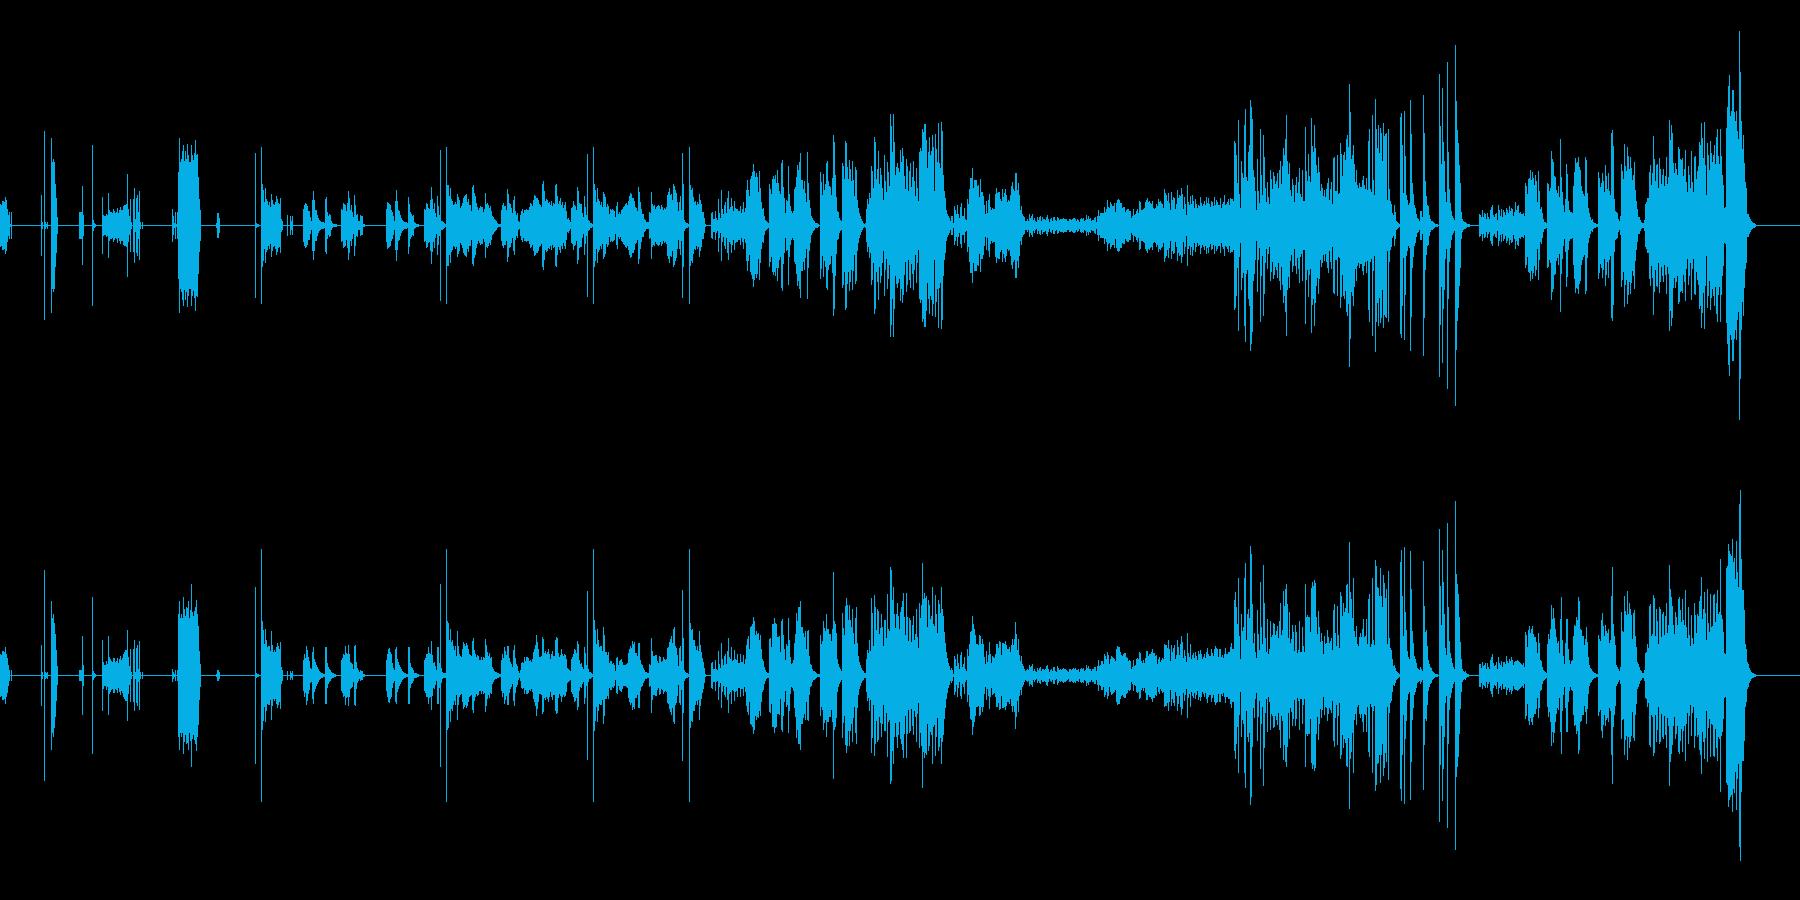 オーボエ・弦・打楽器・ピアノの七重奏の再生済みの波形